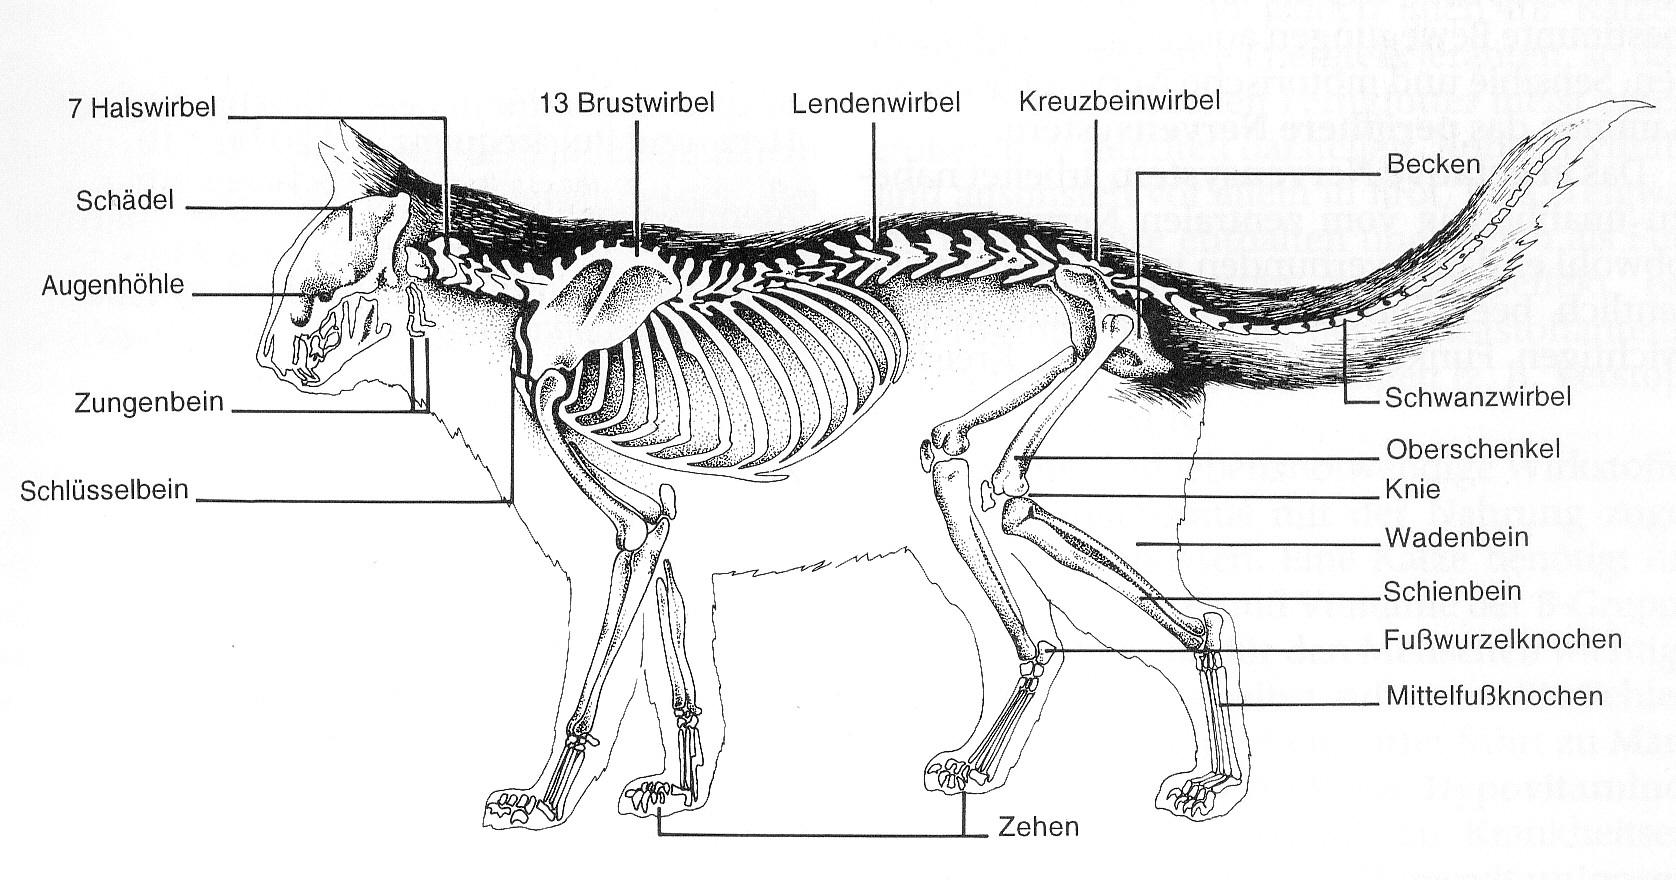 Groß Katze Anatomie Skelett Galerie - Menschliche Anatomie Bilder ...